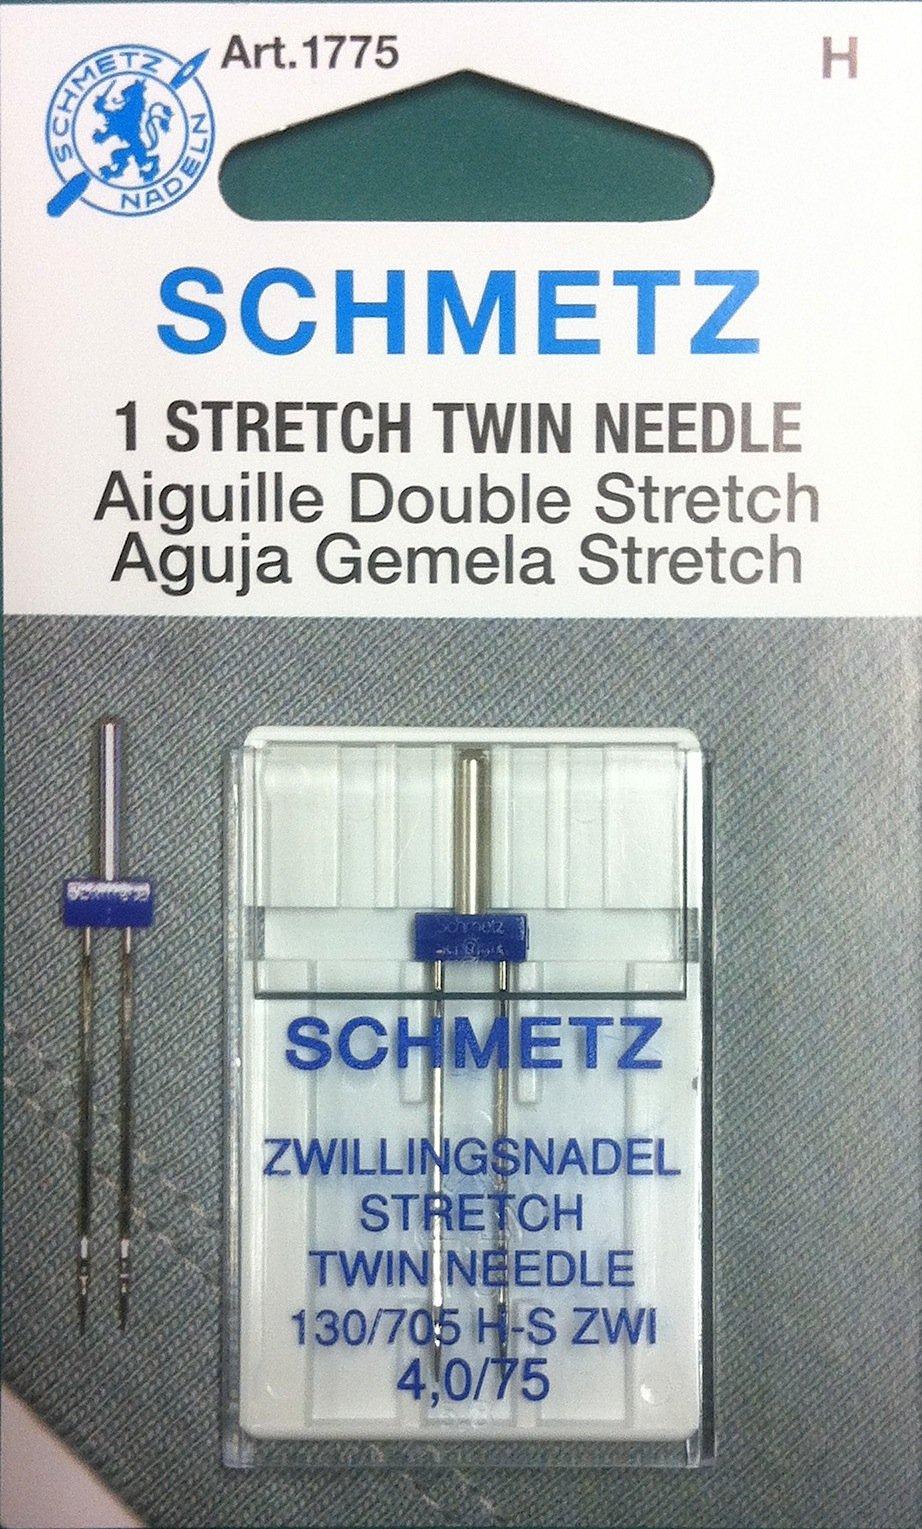 Schmetz Stretch Twin Needle 4.0/75